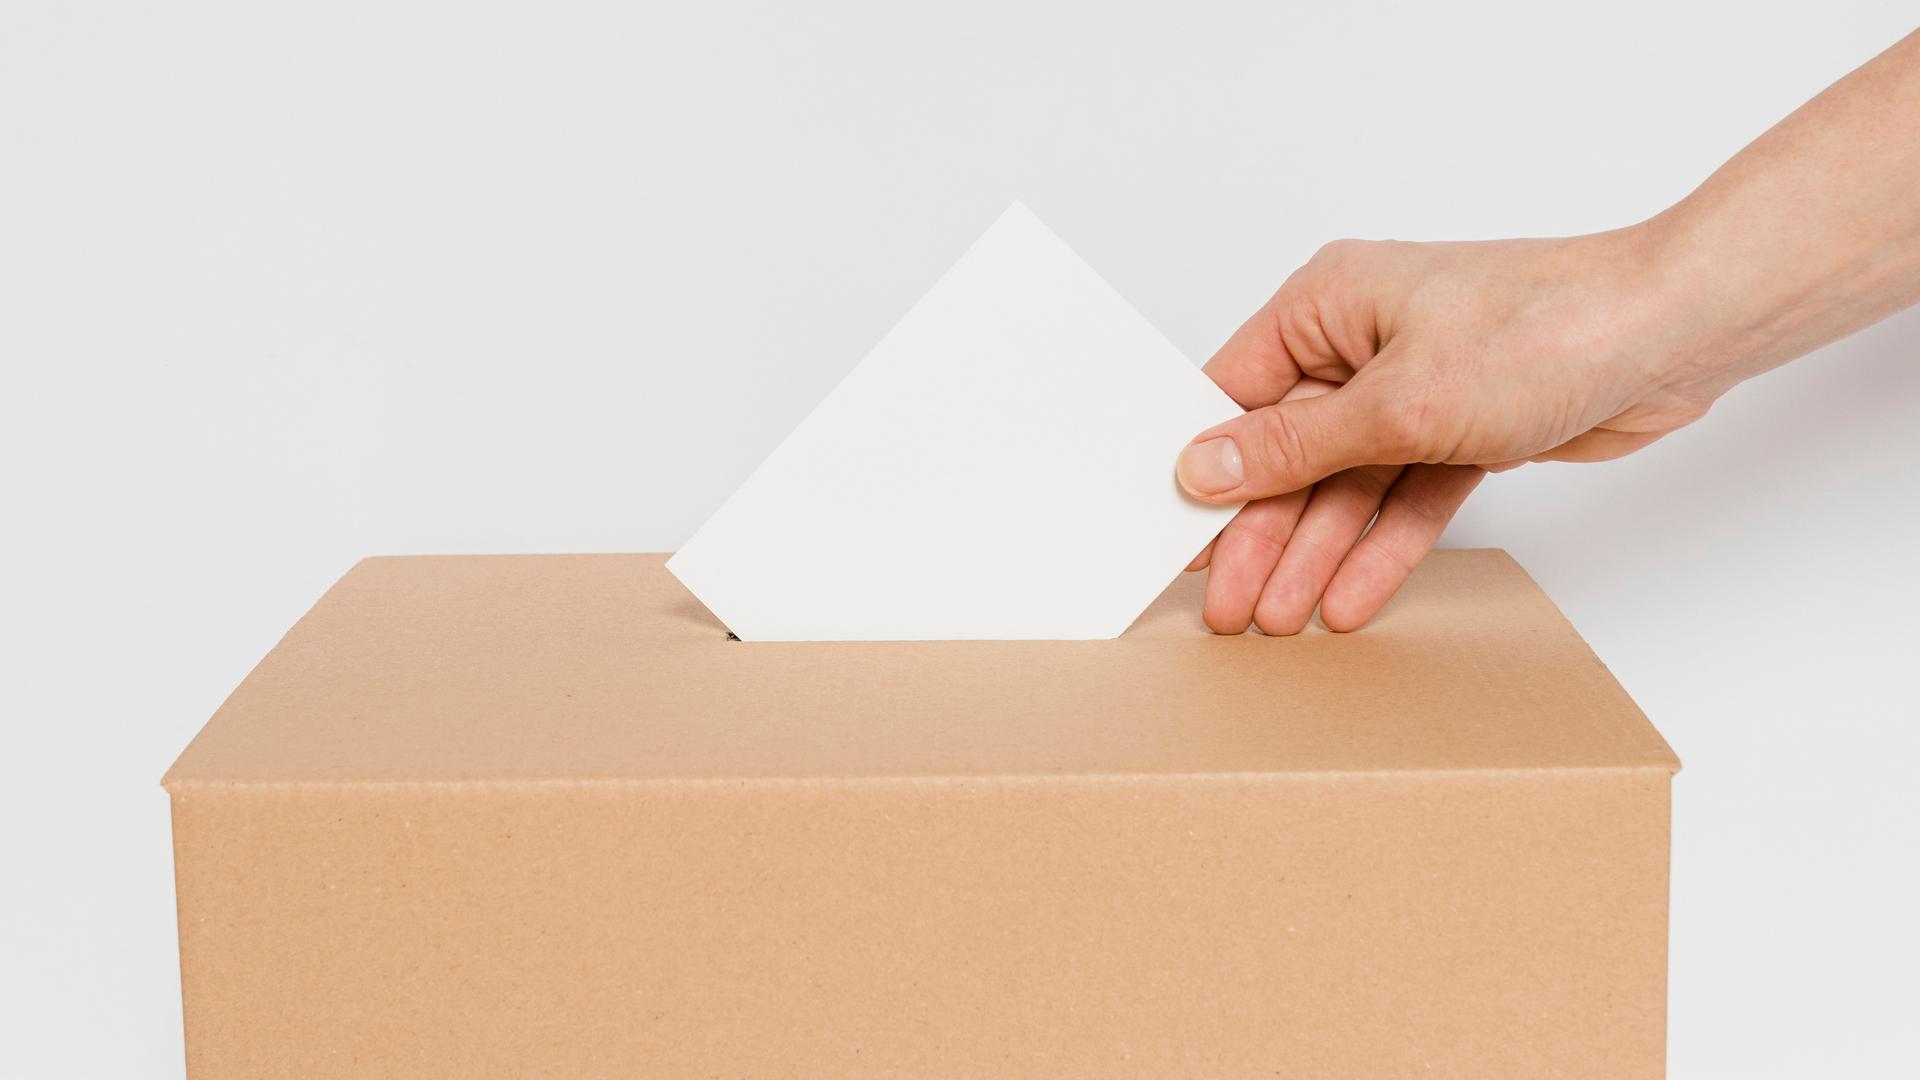 Mano introduciendo papeleta electoral en una urna